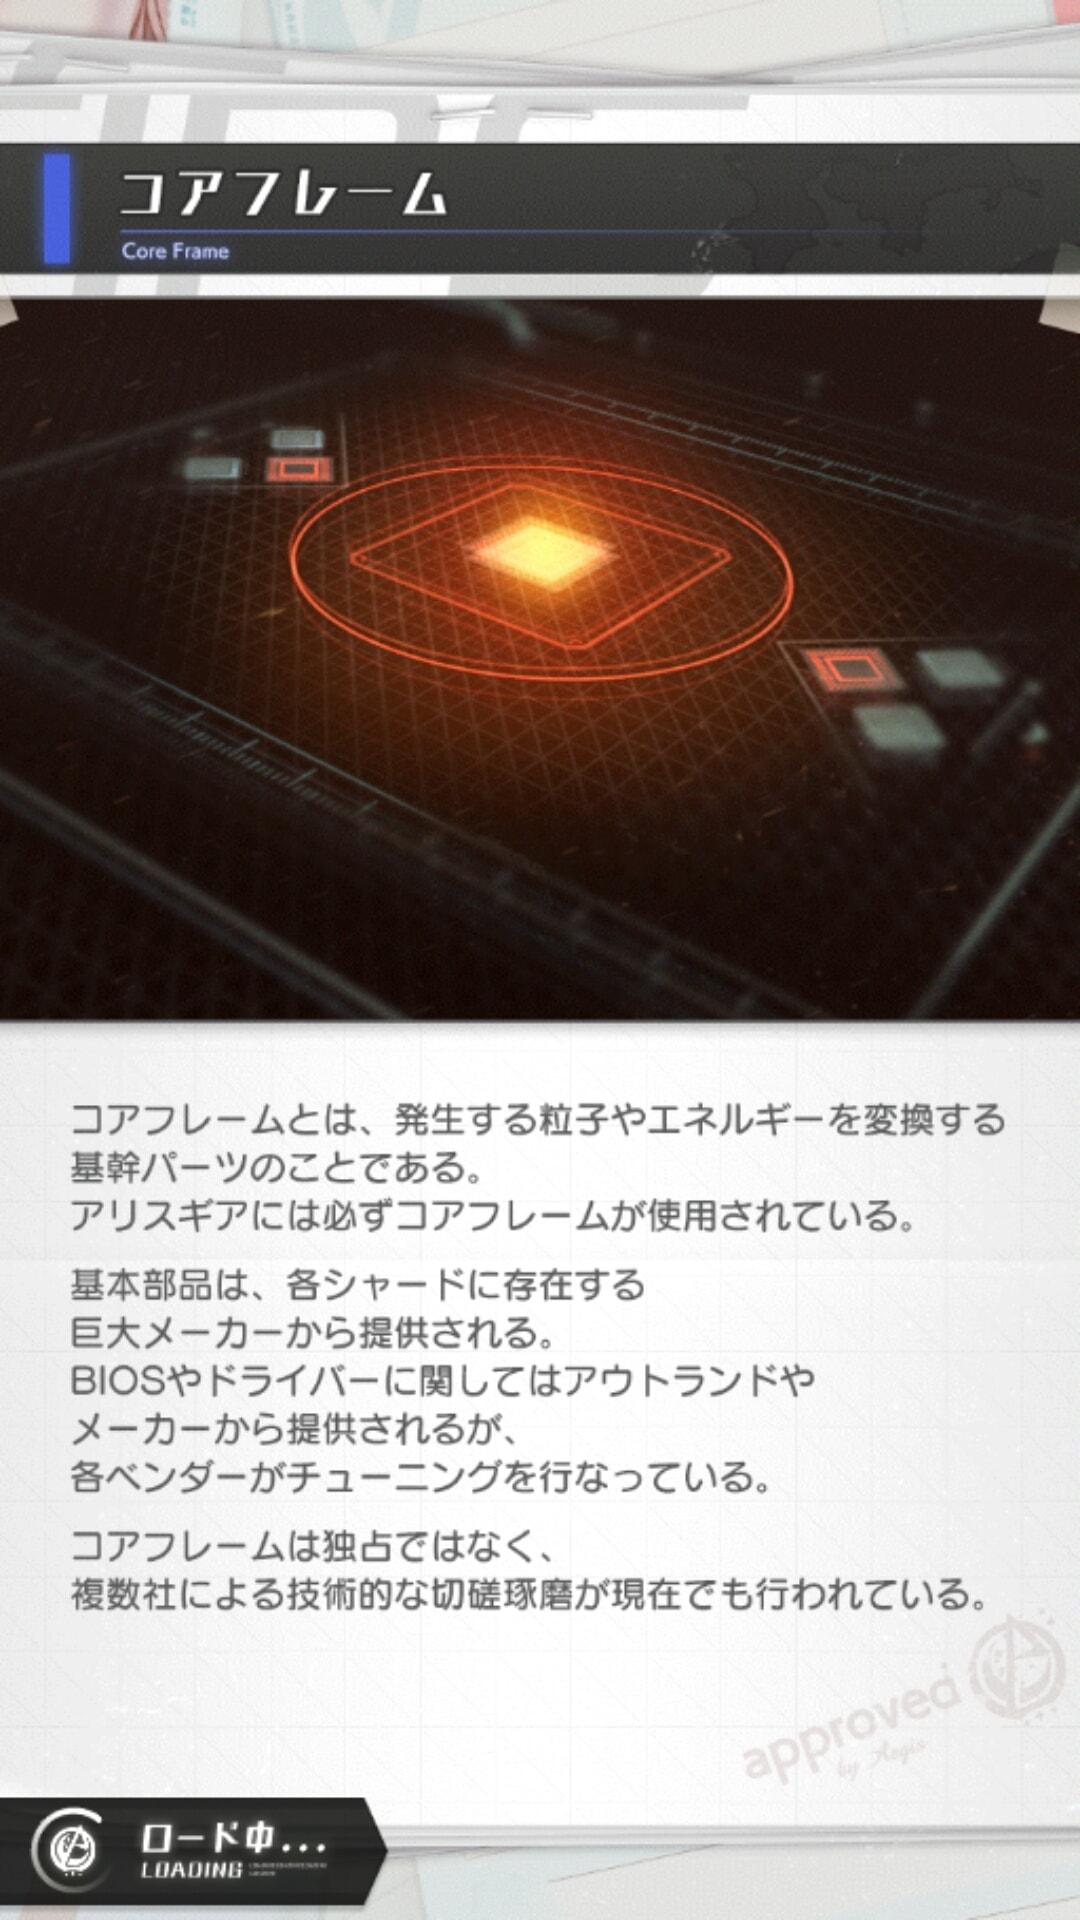 コアフレーム.jpg